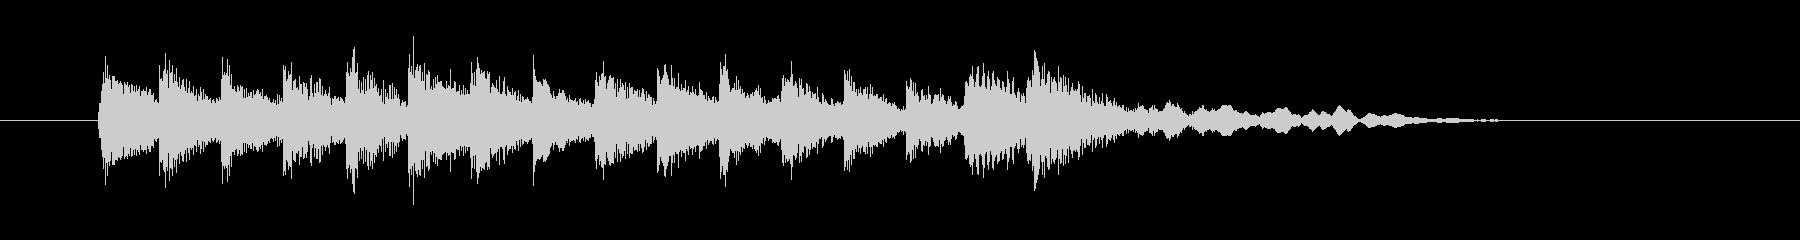 ビブラフォンのエキゾチックな曲の未再生の波形